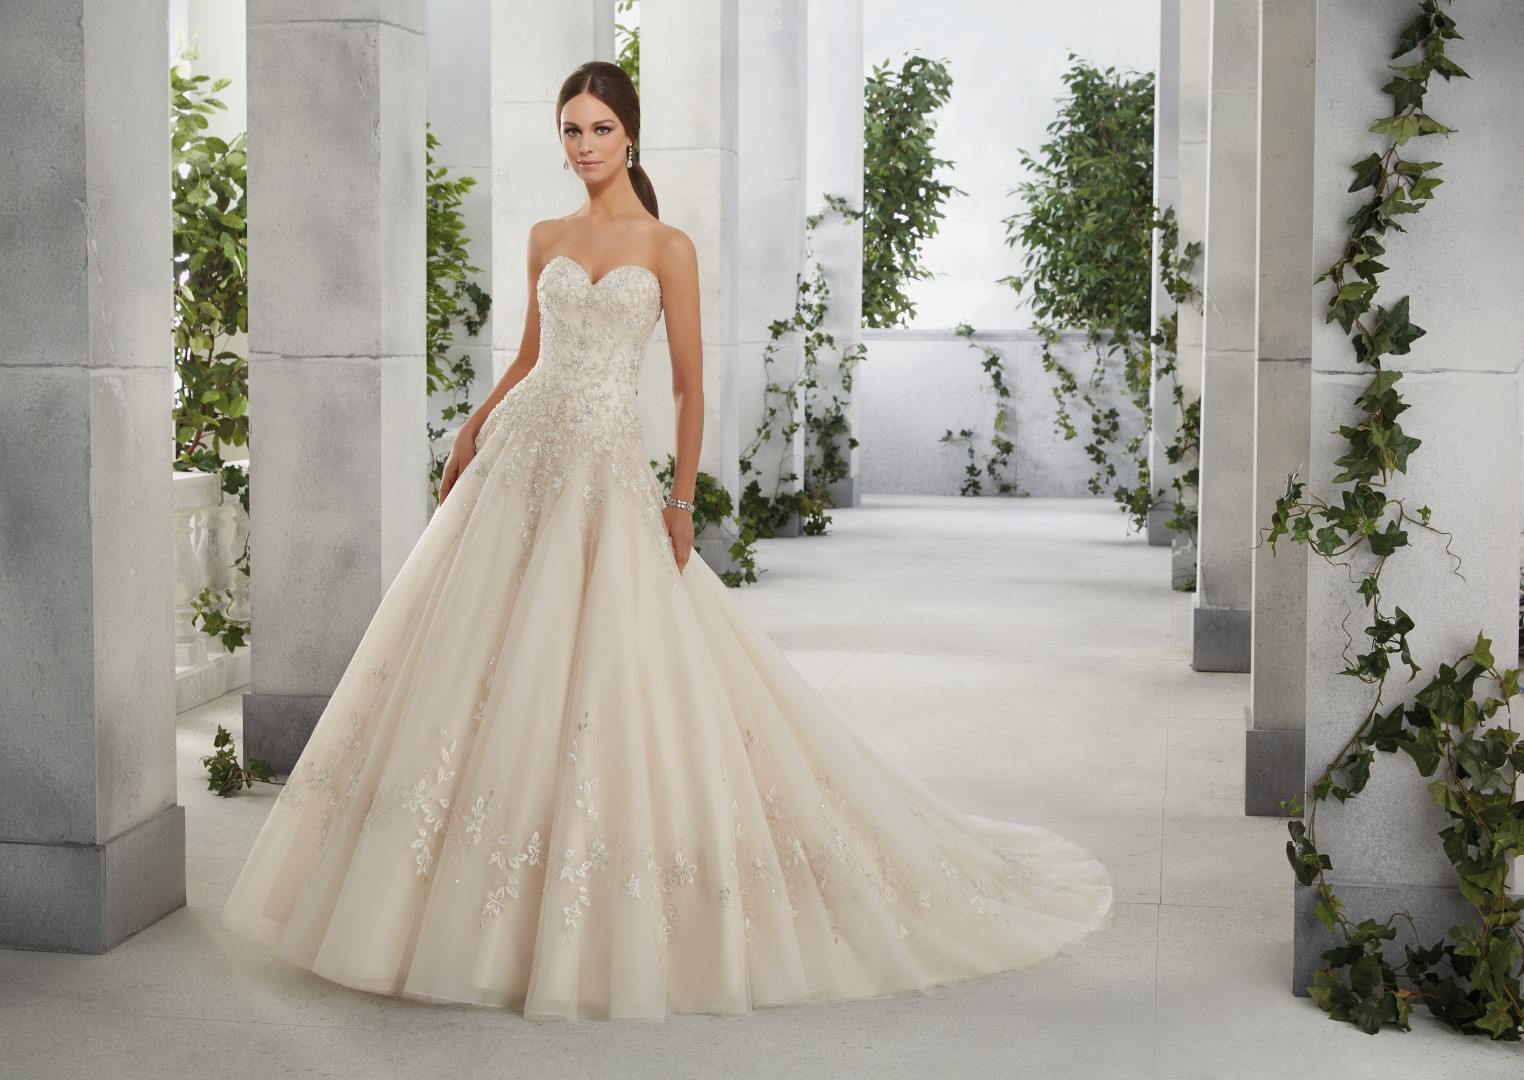 Ungewöhnlich Mori Lee Hochzeitskleid Preise Fotos - Brautkleider ...